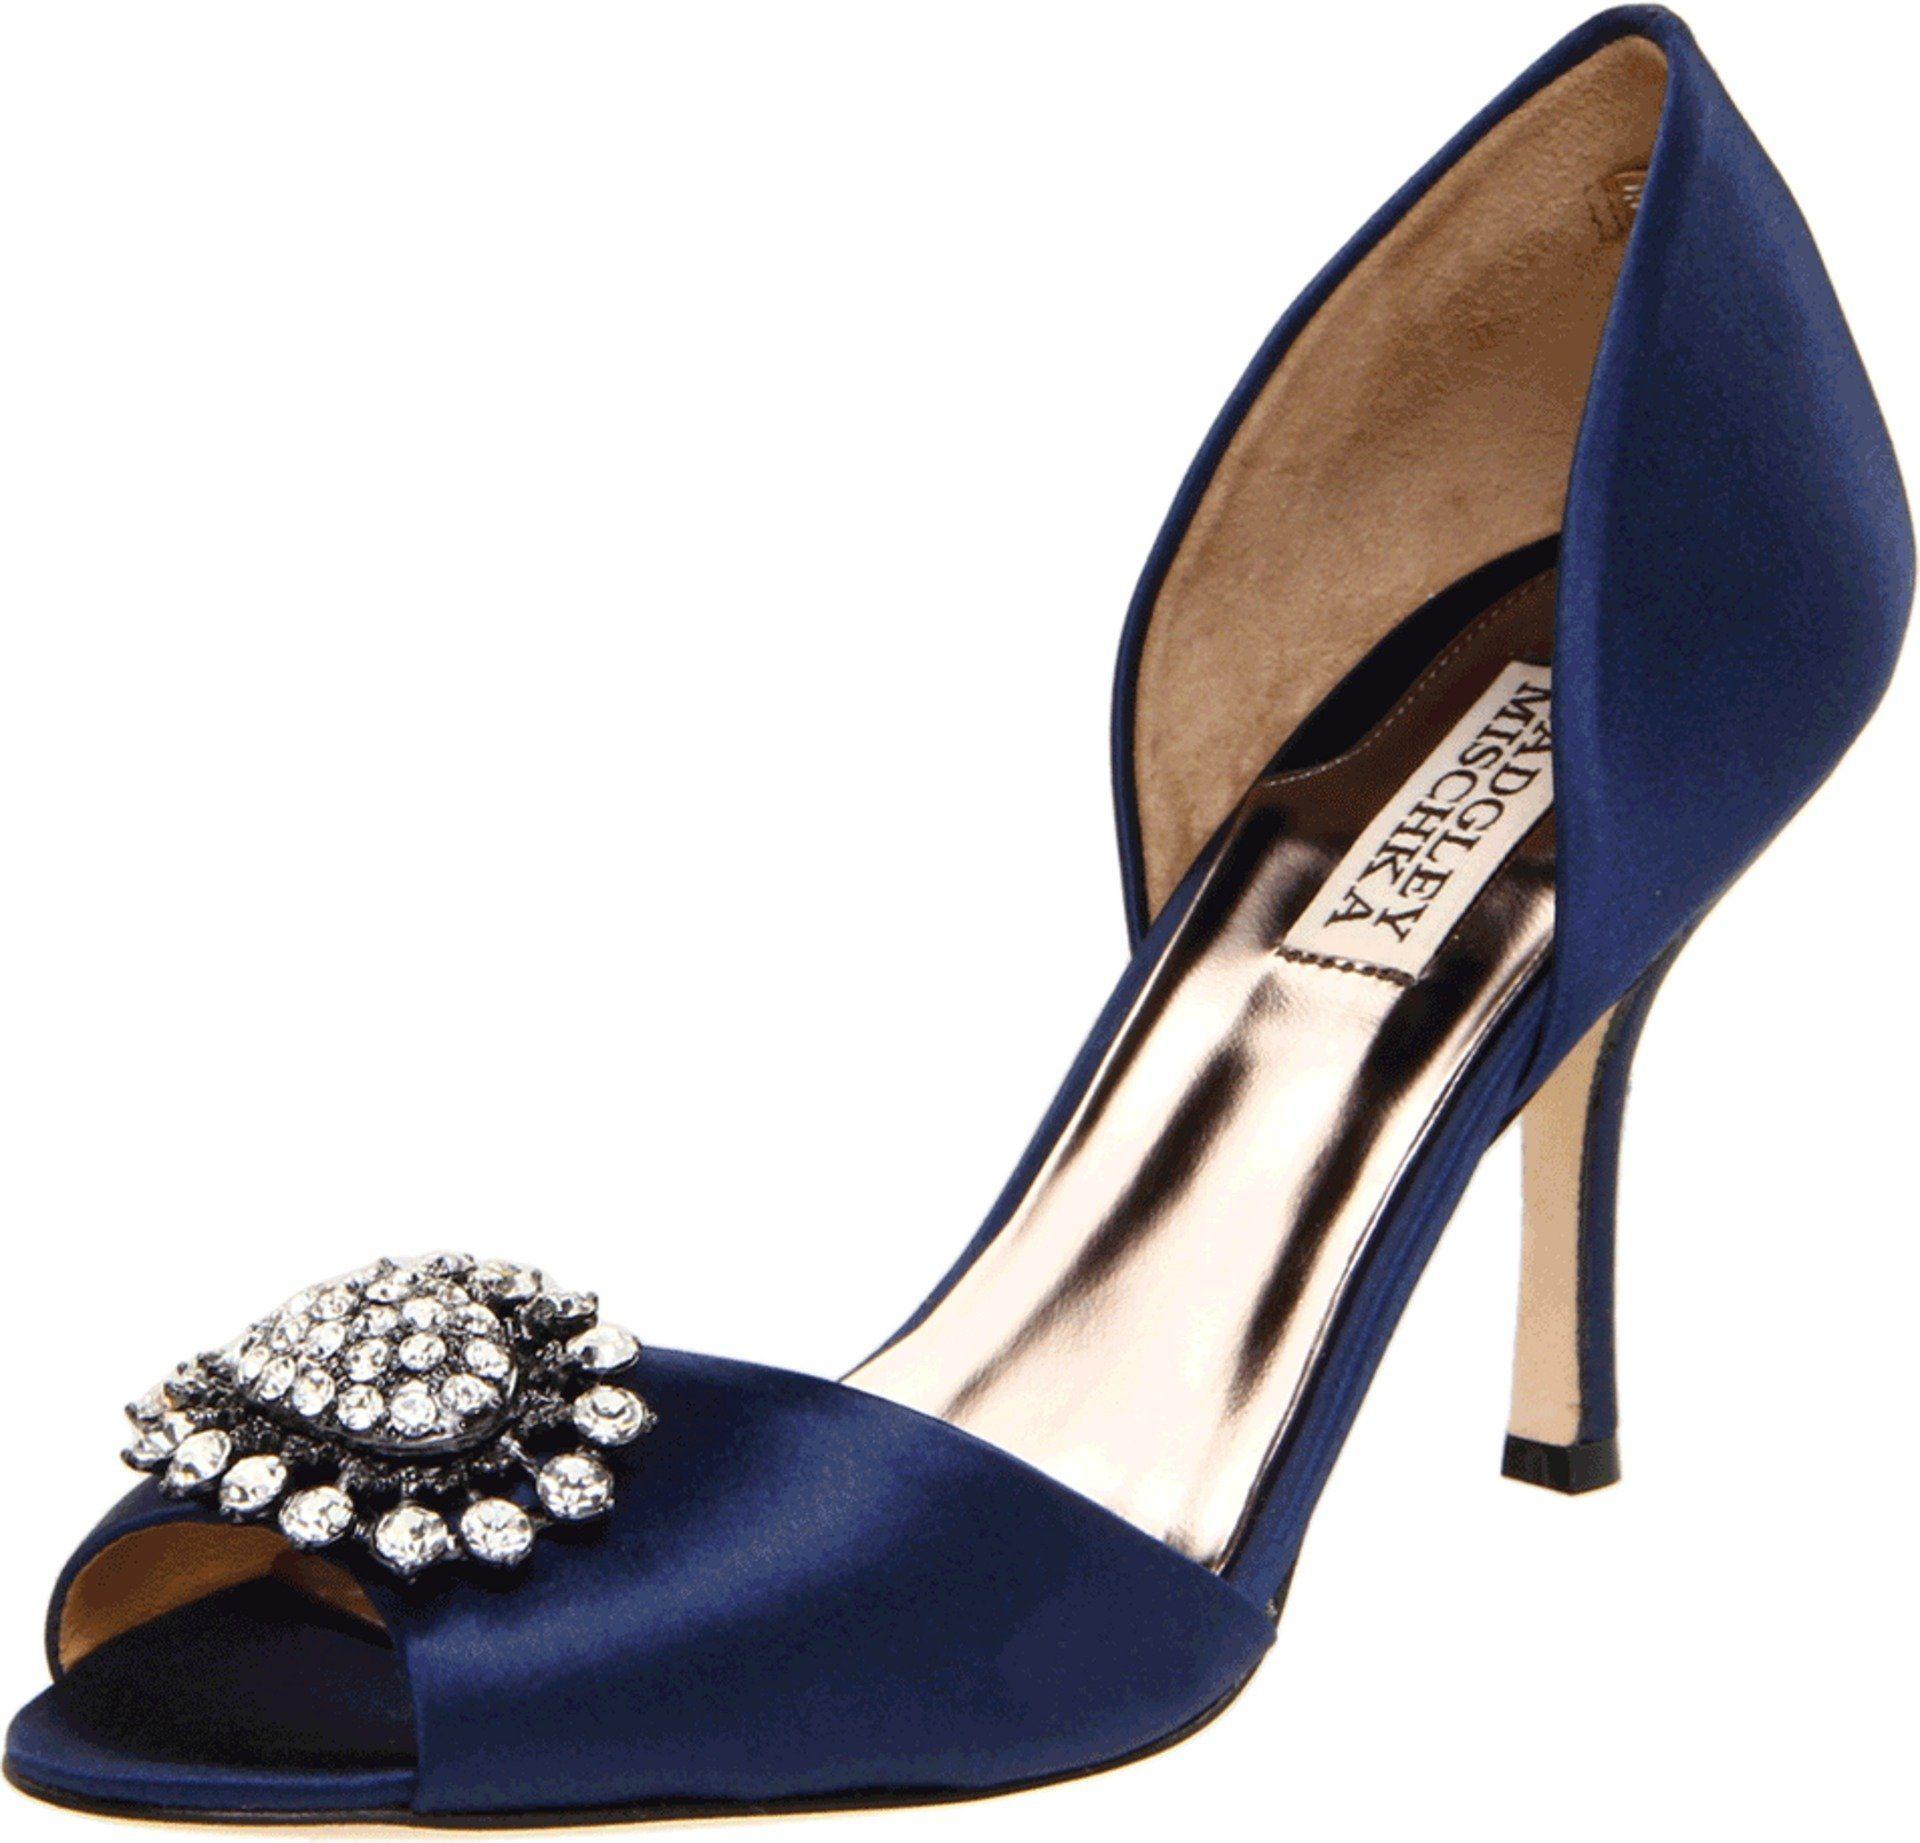 Badgley Mischka Lacie Damen Blau Textile Pumps Schuhe EU 38 | schuhe ...